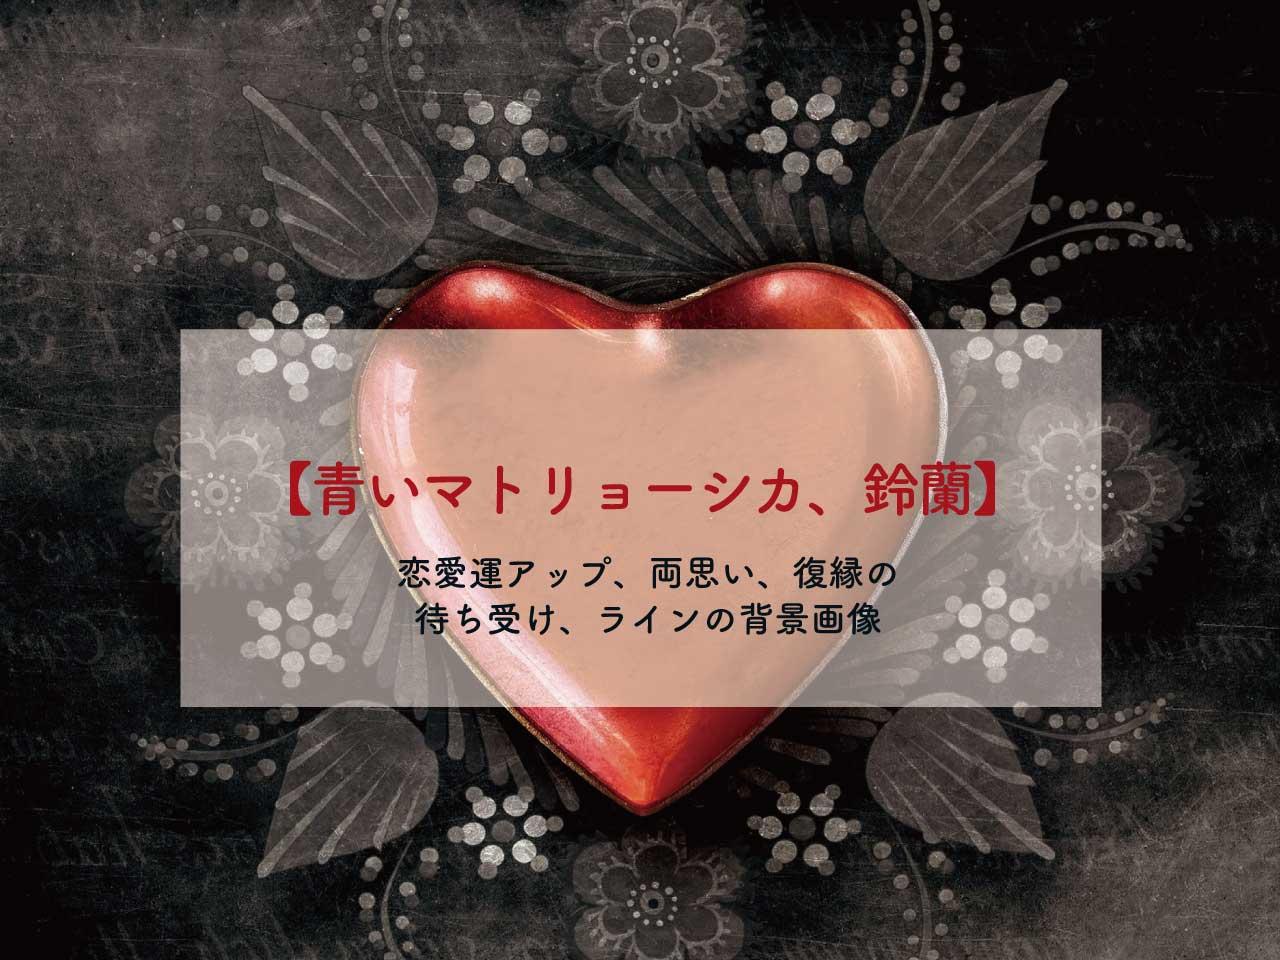 【青いマトリョーシカ、鈴蘭】恋愛運アップ、両思い、復縁の待ち受け、ラインの背景画像